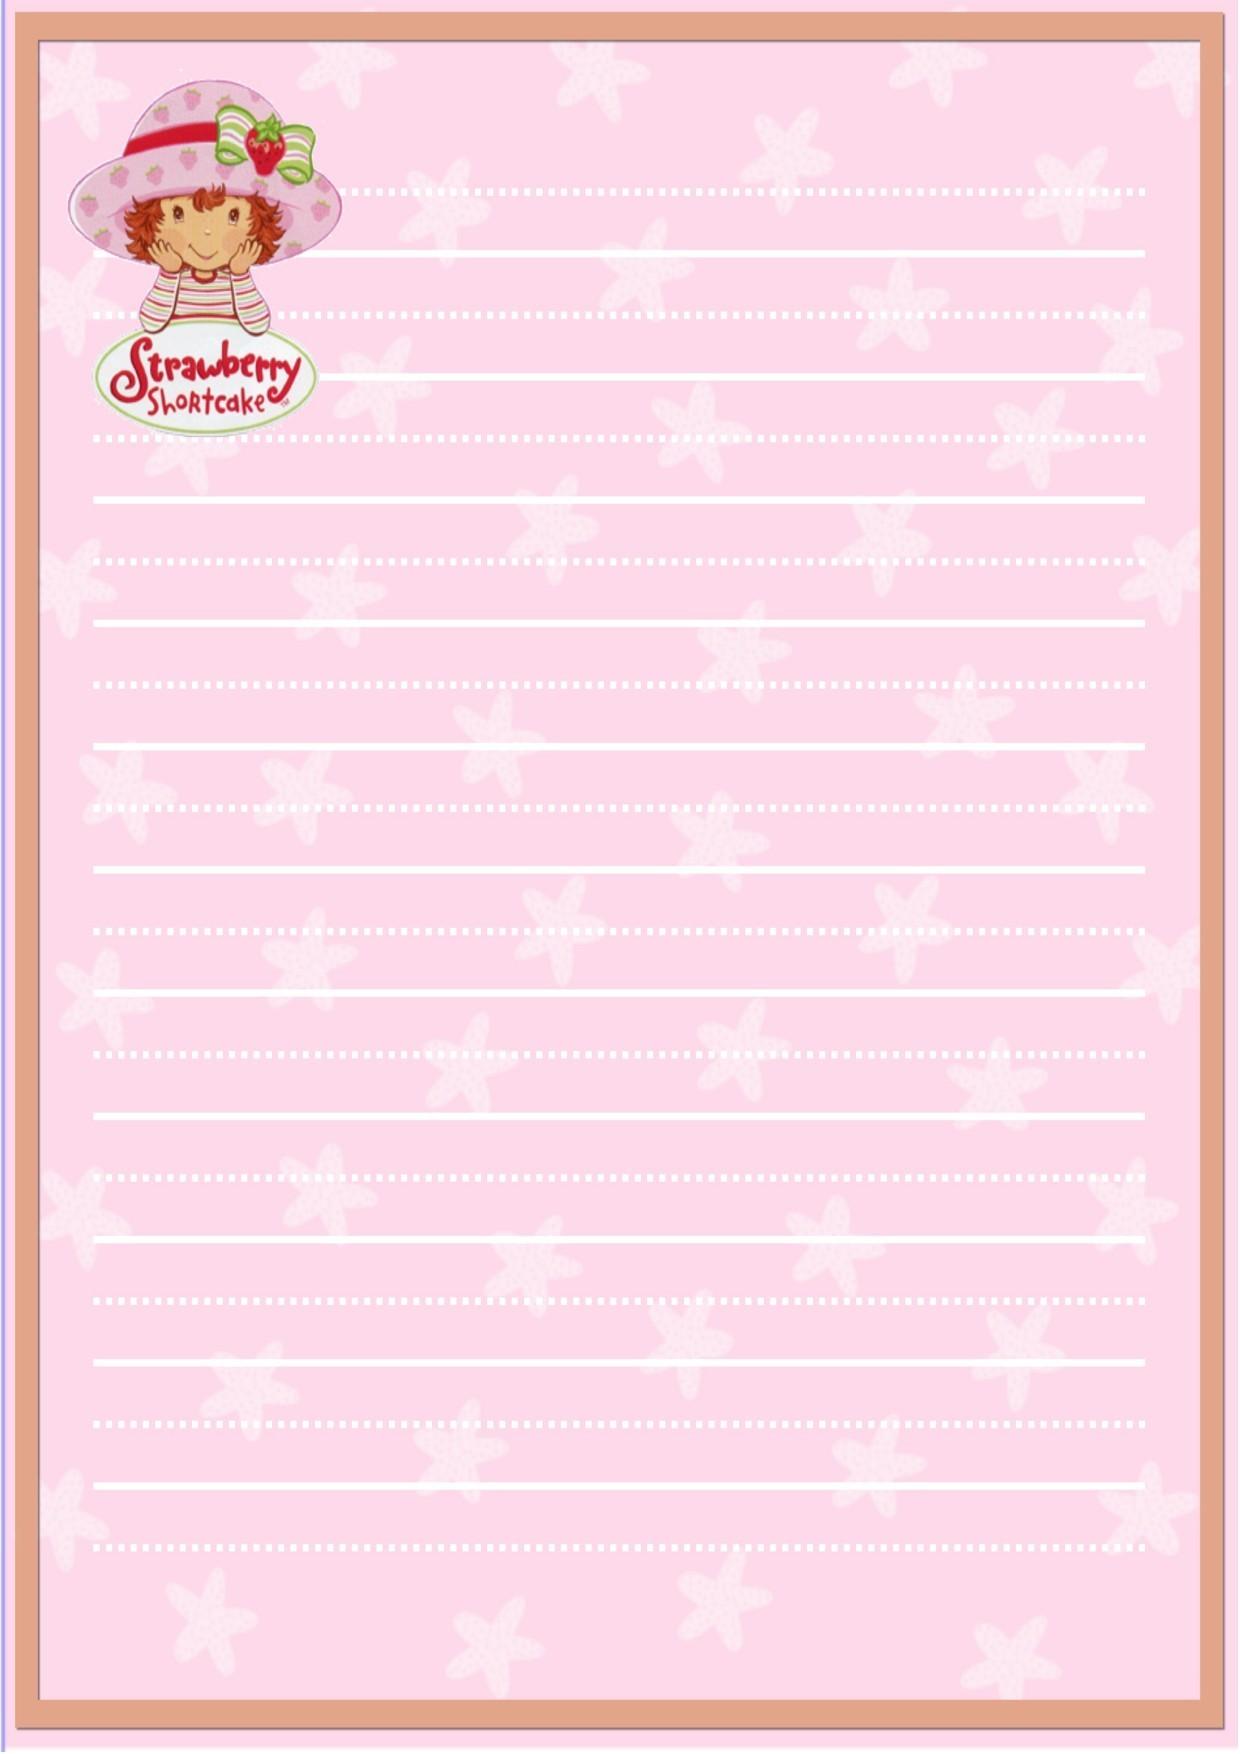 Strawberry Shortcake Stationery   Strawberry Shortcake Fan Art 1240x1754